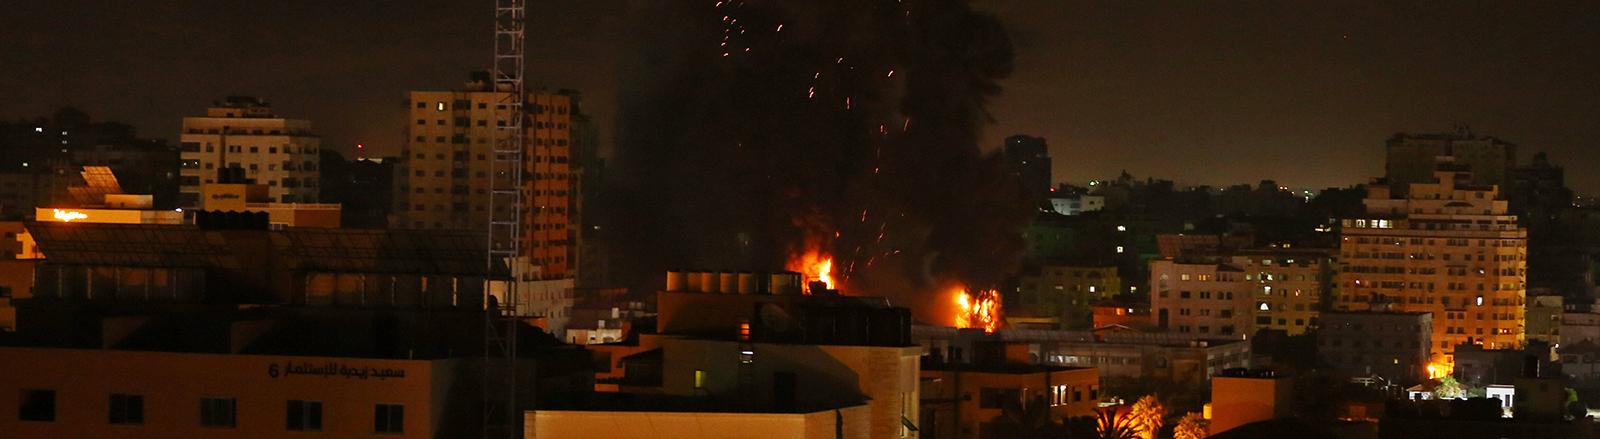 Im Gazastreifen brennen Häuser, Rauch steigt auf. Die israelische Armee hat in der Nacht den Gazastreifen beschossen (17.05.2021).